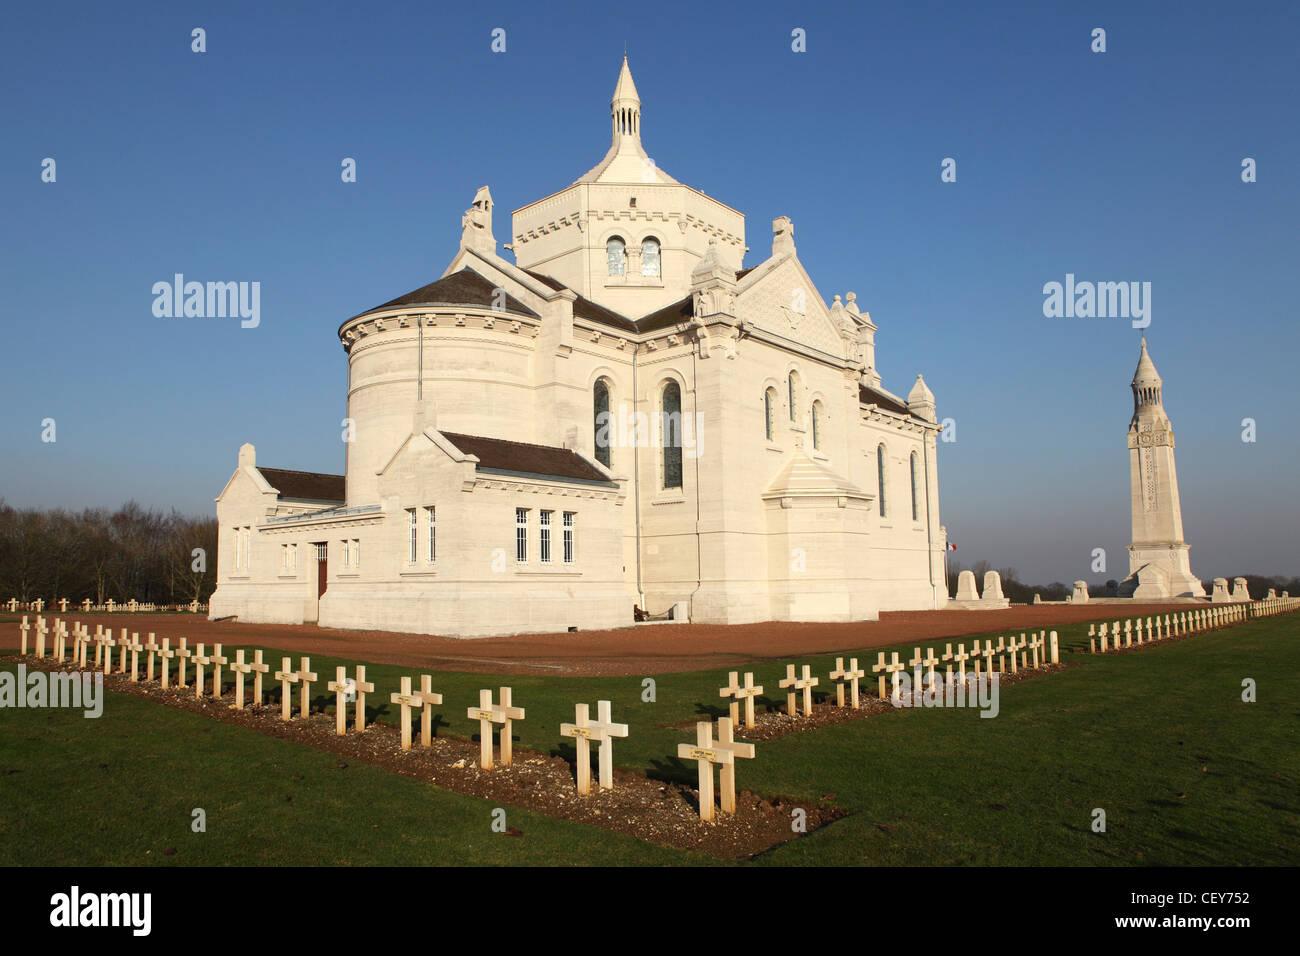 The French National War Cemetery at Notre-Dame de Lorette, Ablain-Saint-Nazaire, France. Stock Photo